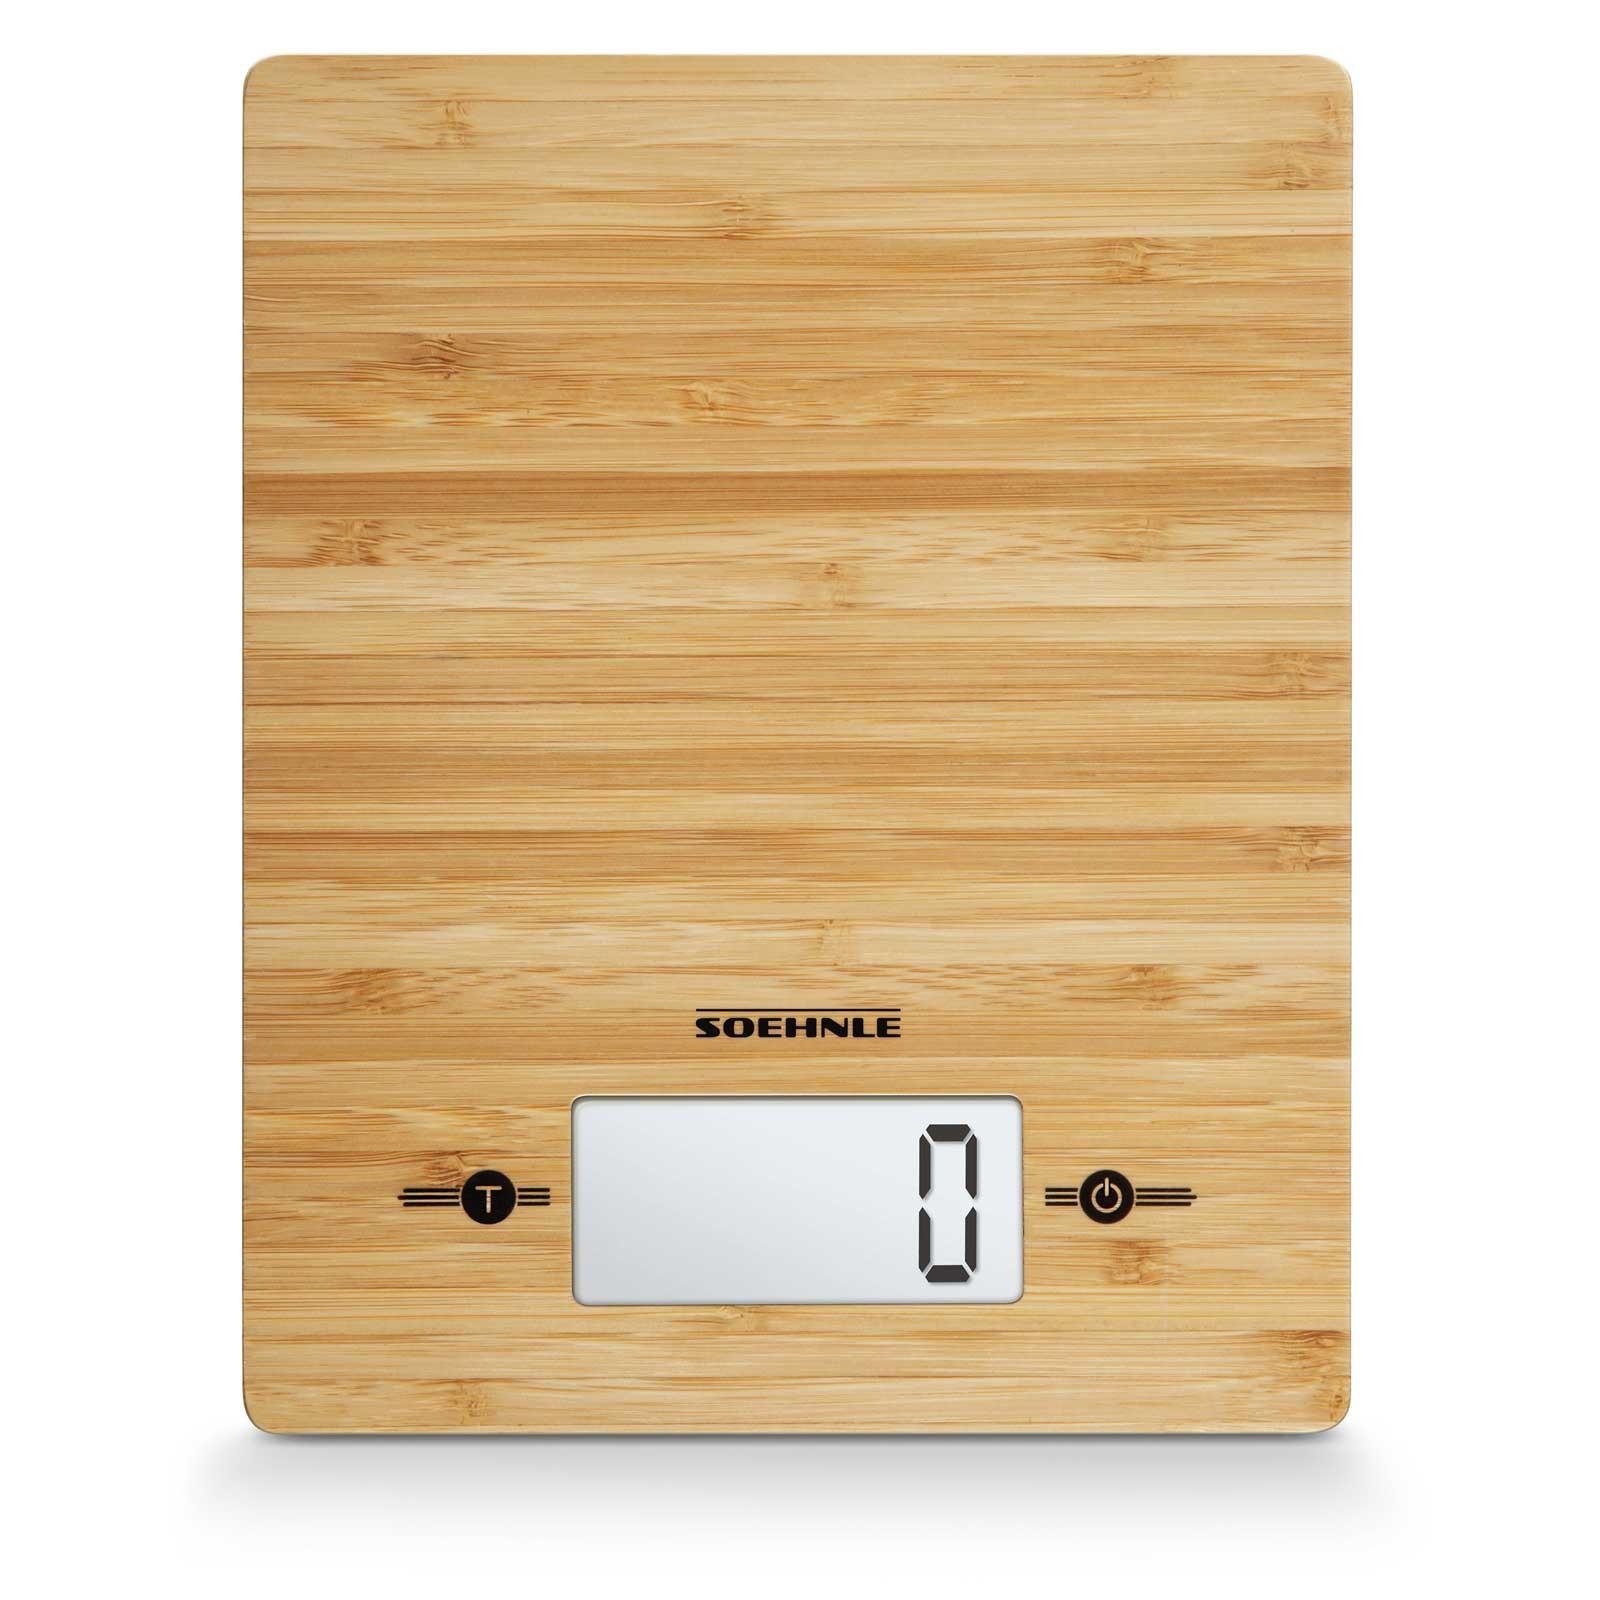 Ζυγαριά Κουζίνας Ψηφιακή Soehnle Bamboo 5kg home   εργαλεια κουζινας   ζυγαριές